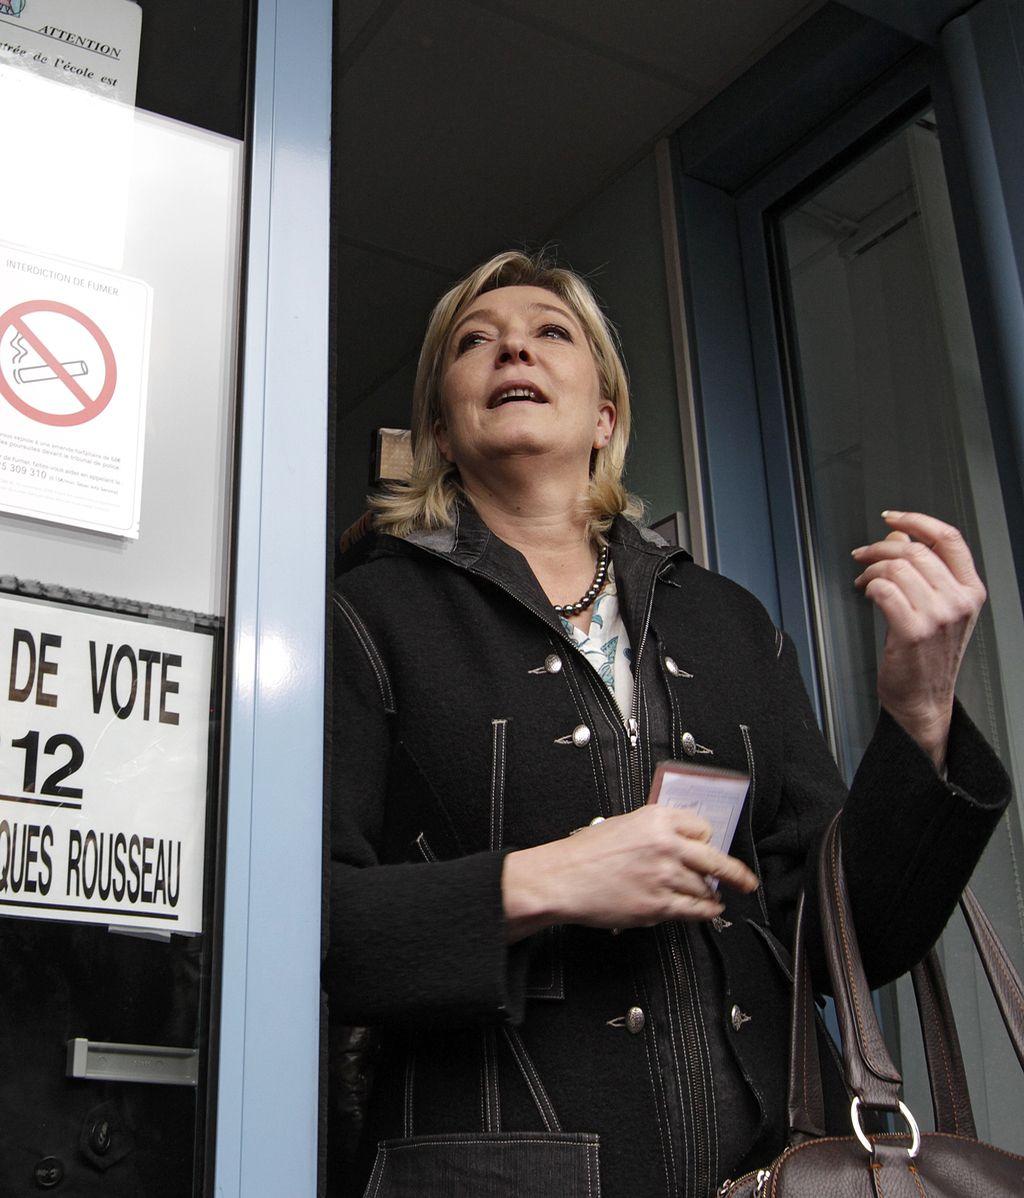 Marine Le Pen en el colegio electoral de Henin-Beaumont